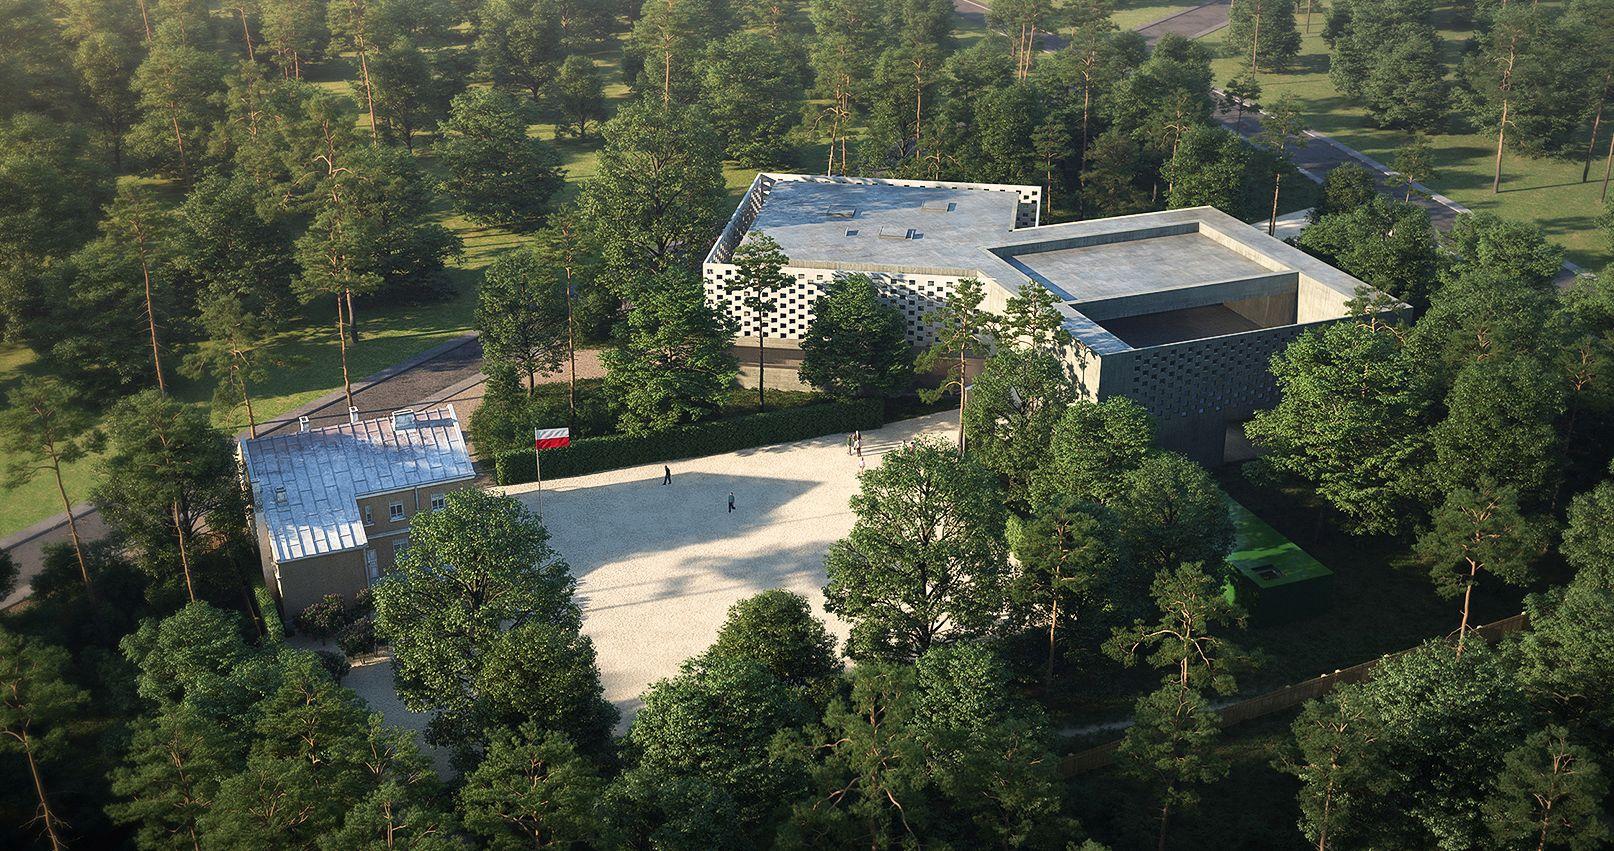 Nowy budynek Muzeum Józefa Piłsudskiego w Sulejówku z lotu ptaka. Fot. Platige Image